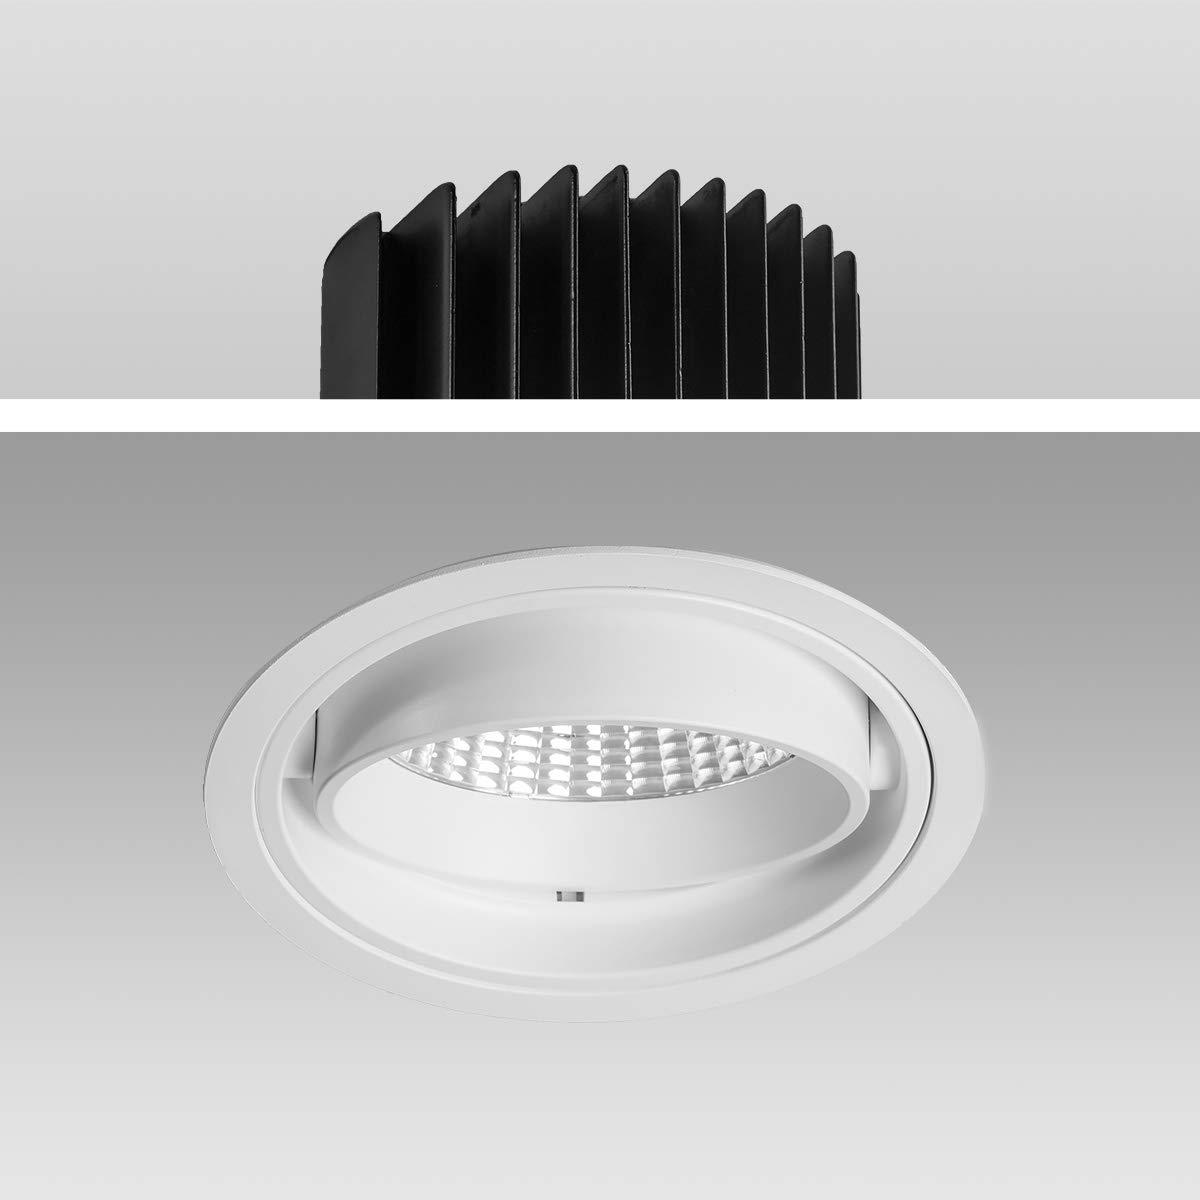 Mextronic Decke High Voltage LED Einbaustrahler Genius 50W 840 Neutralweiß S6081 Ø 170mm